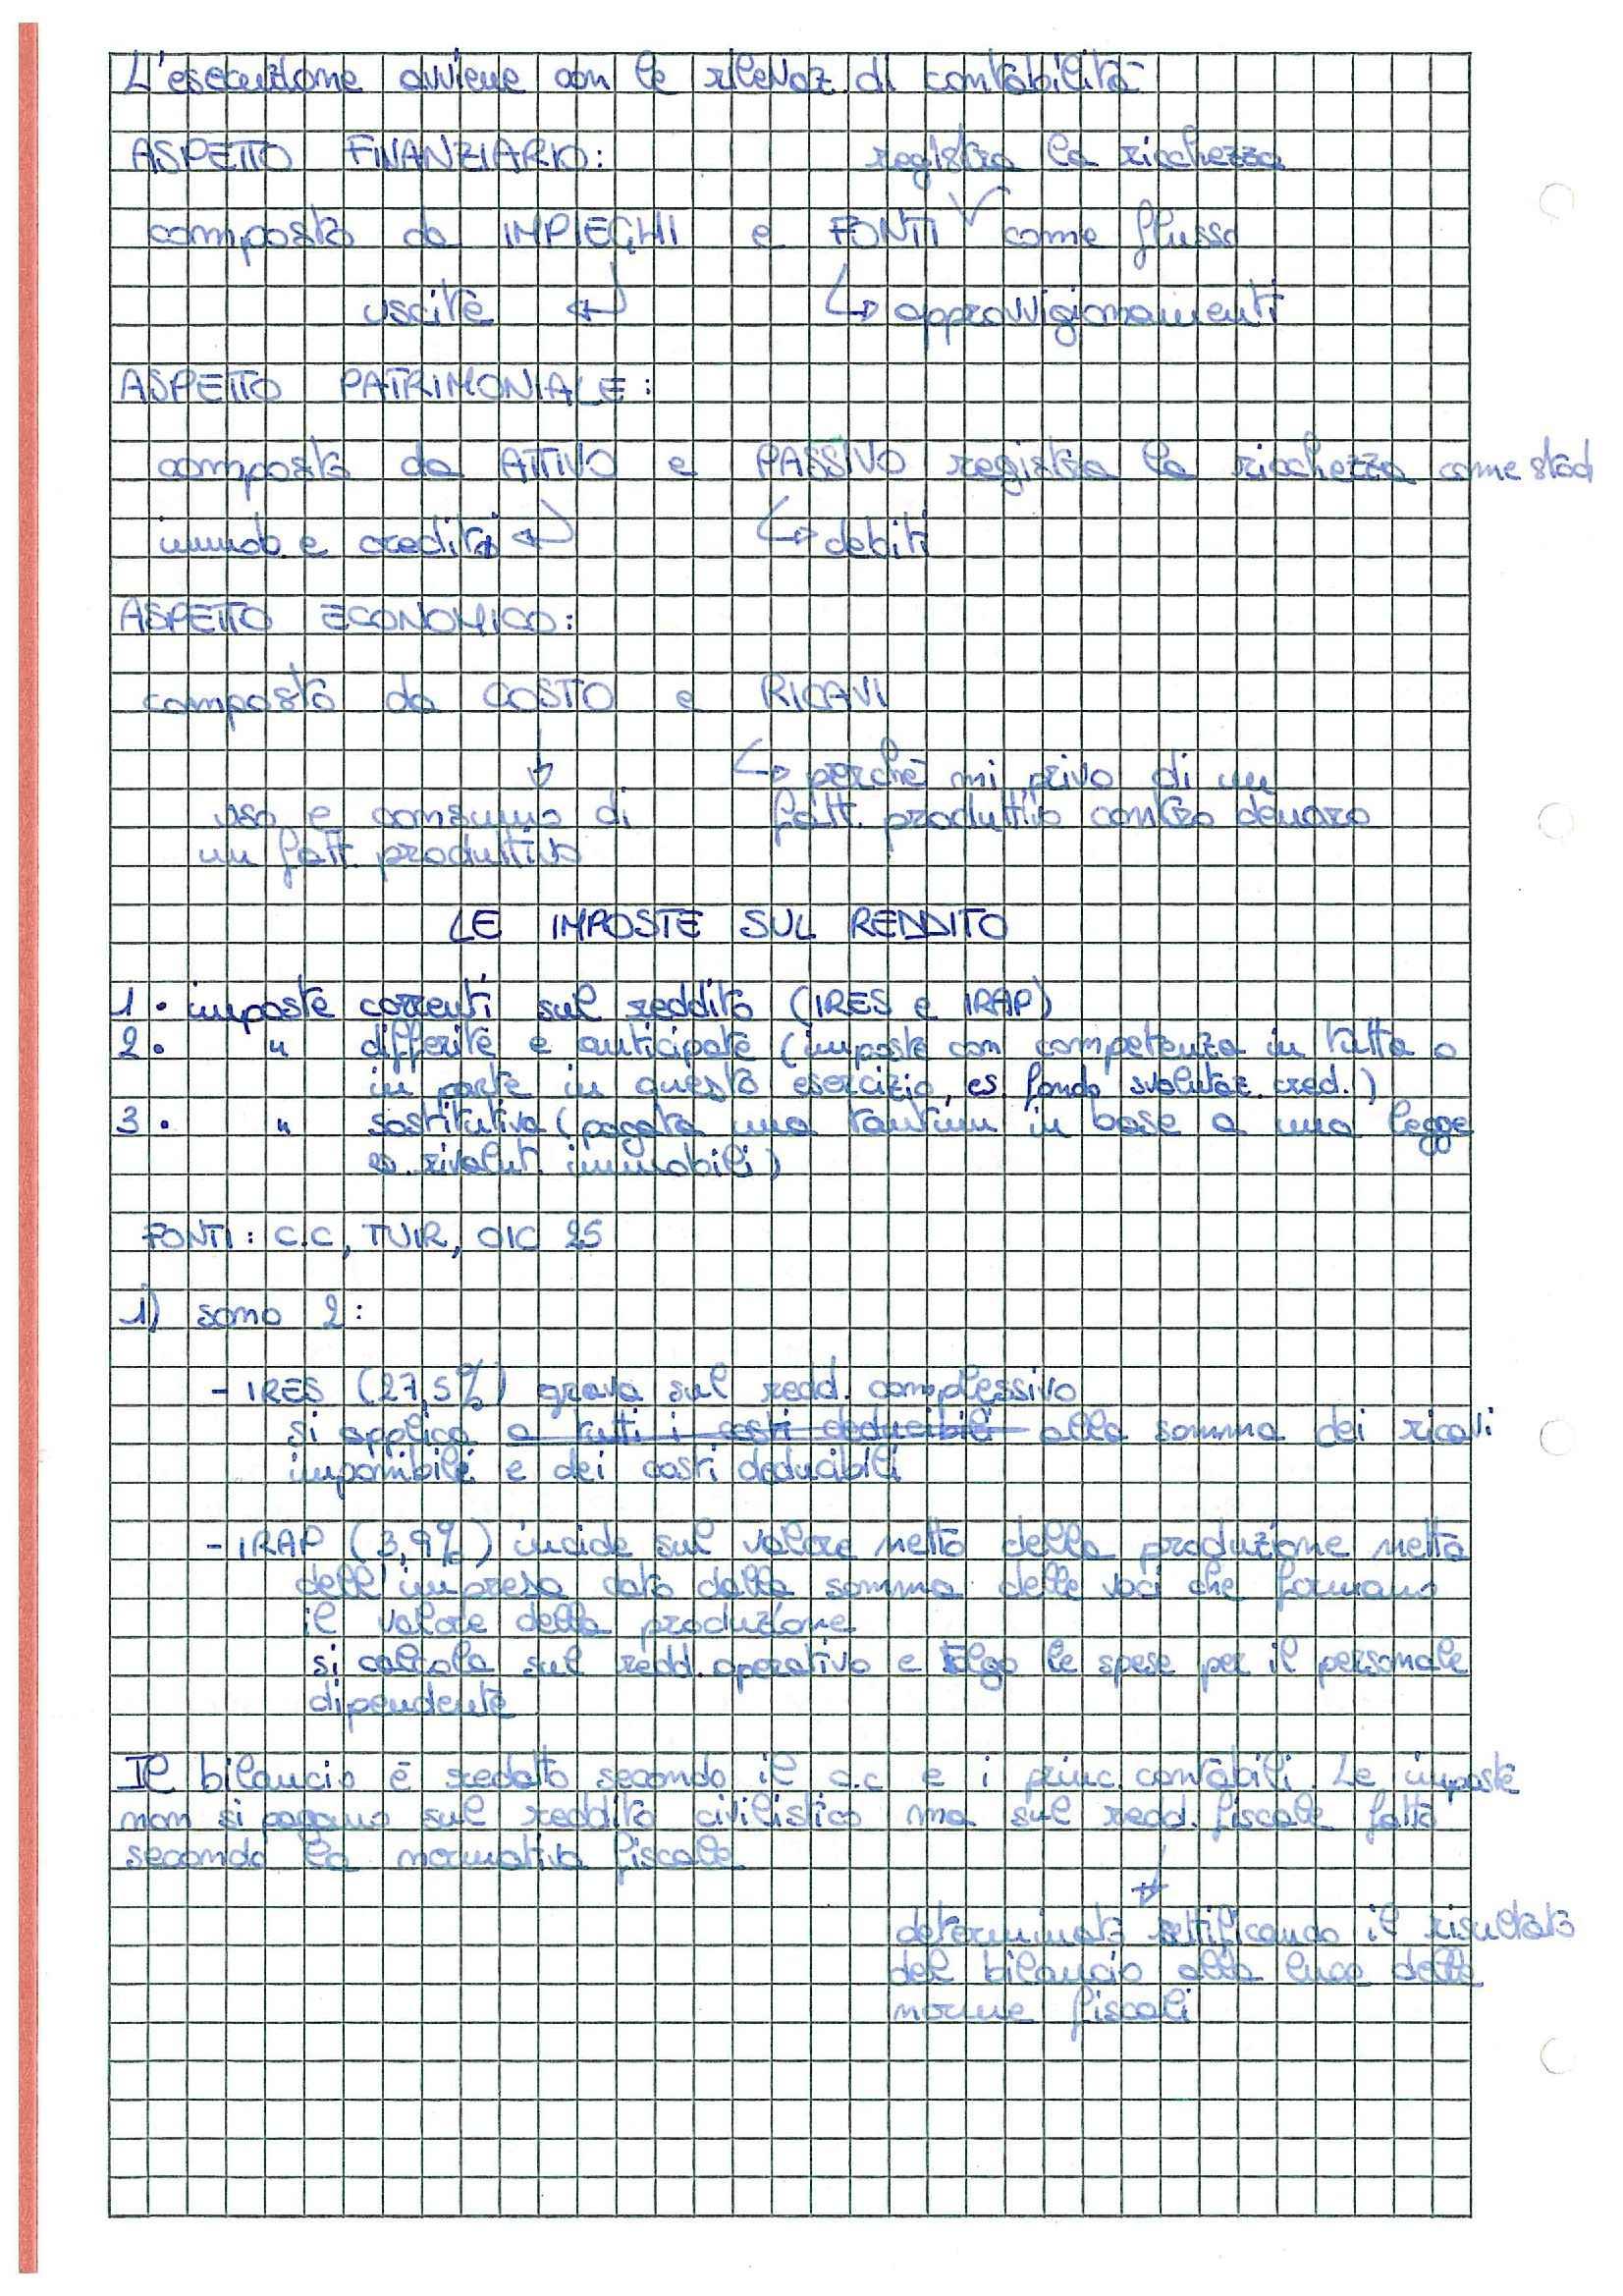 Bilancio d'esercizio - Appunti Pag. 6